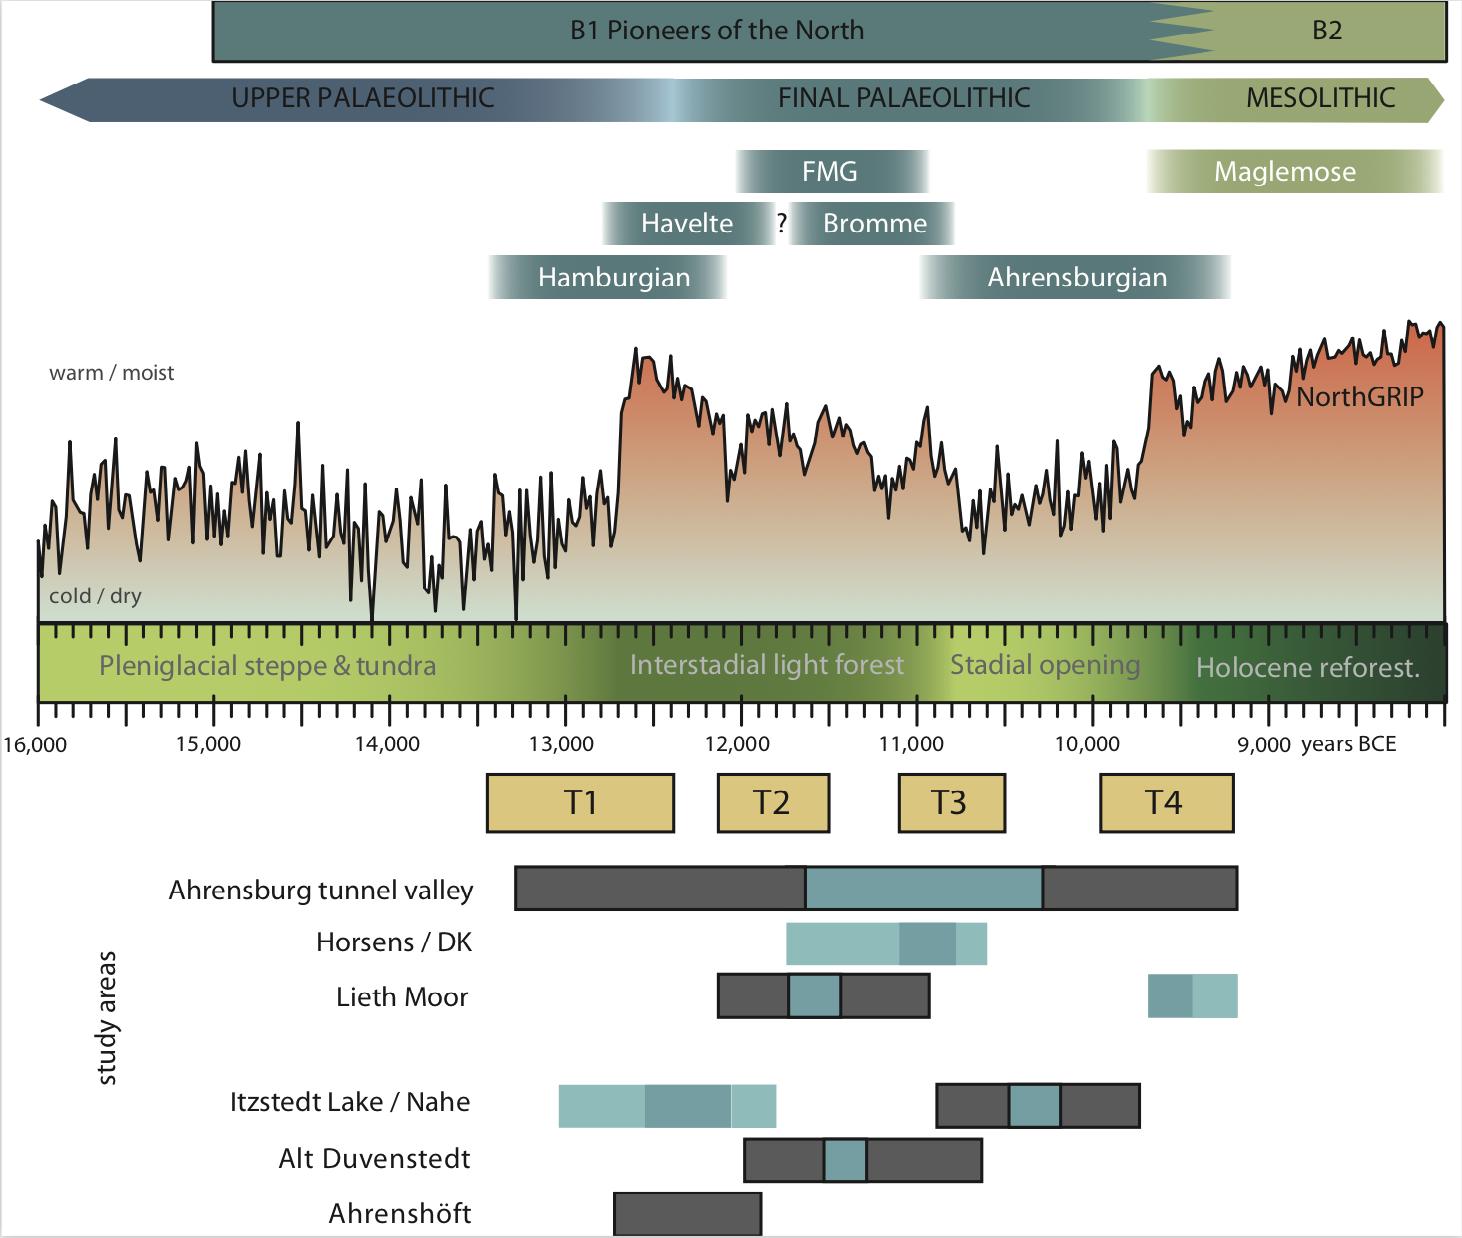 FIG2017-1 Radiokarbon (grauem) und techno-typologisch datiertes (blauem) Material in den verschiedenen Untersuchungsregionen des Teilprojekts B1 in Bezug auf die Transformationsphasen (T1-4), die ungefähre Vegetationsentwicklung, die allgemeine Klimaentwicklung des Nordatlantiks, wiedergegeben durch die Entwicklung der Sauerstoffisotopenkurve aus einem grönländischen Eiskern, und die archäologische Kulturentwicklung im südwestlichen Ostseeraum.